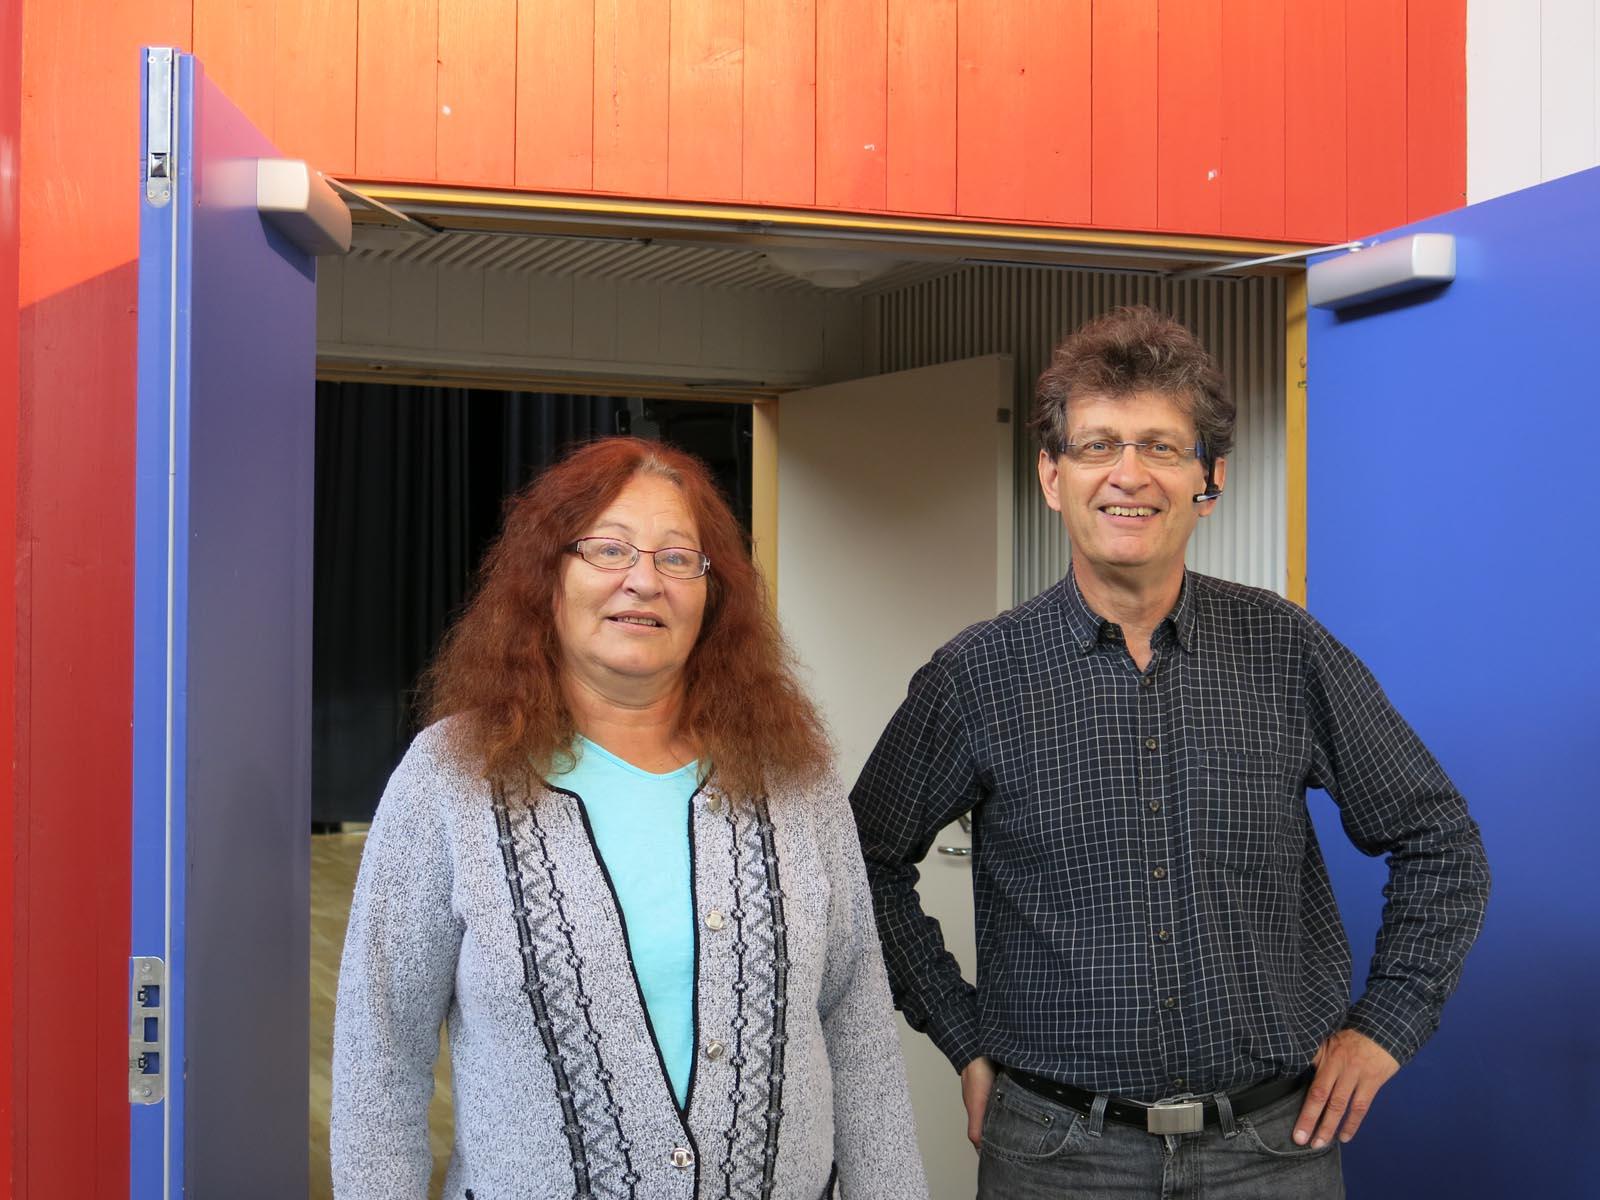 Marlene och Staffan